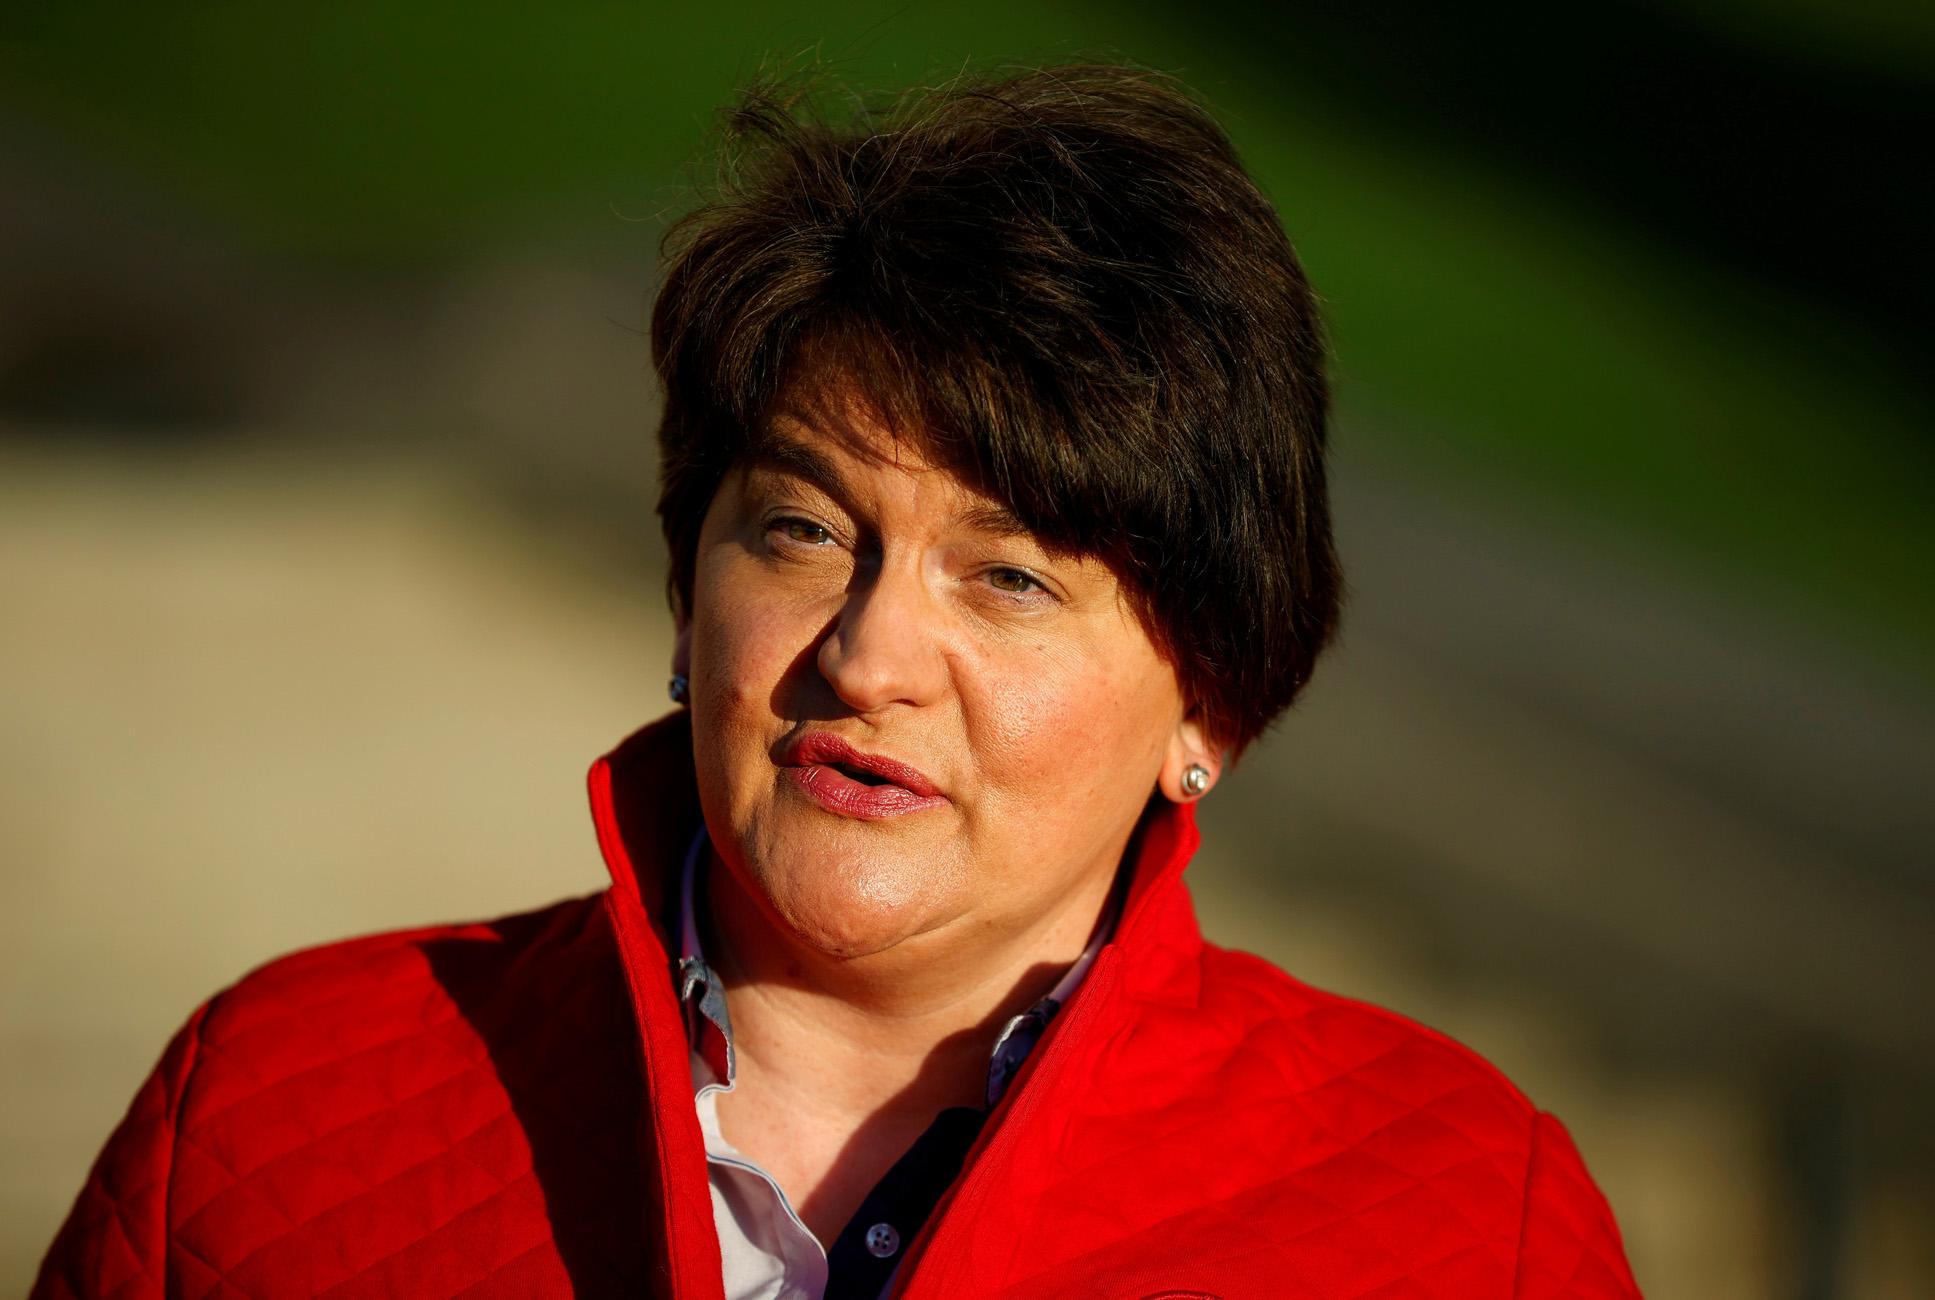 Βόρεια Ιρλανδία: Παραιτείται η πρωθυπουργός Αρλίν Φόστερ